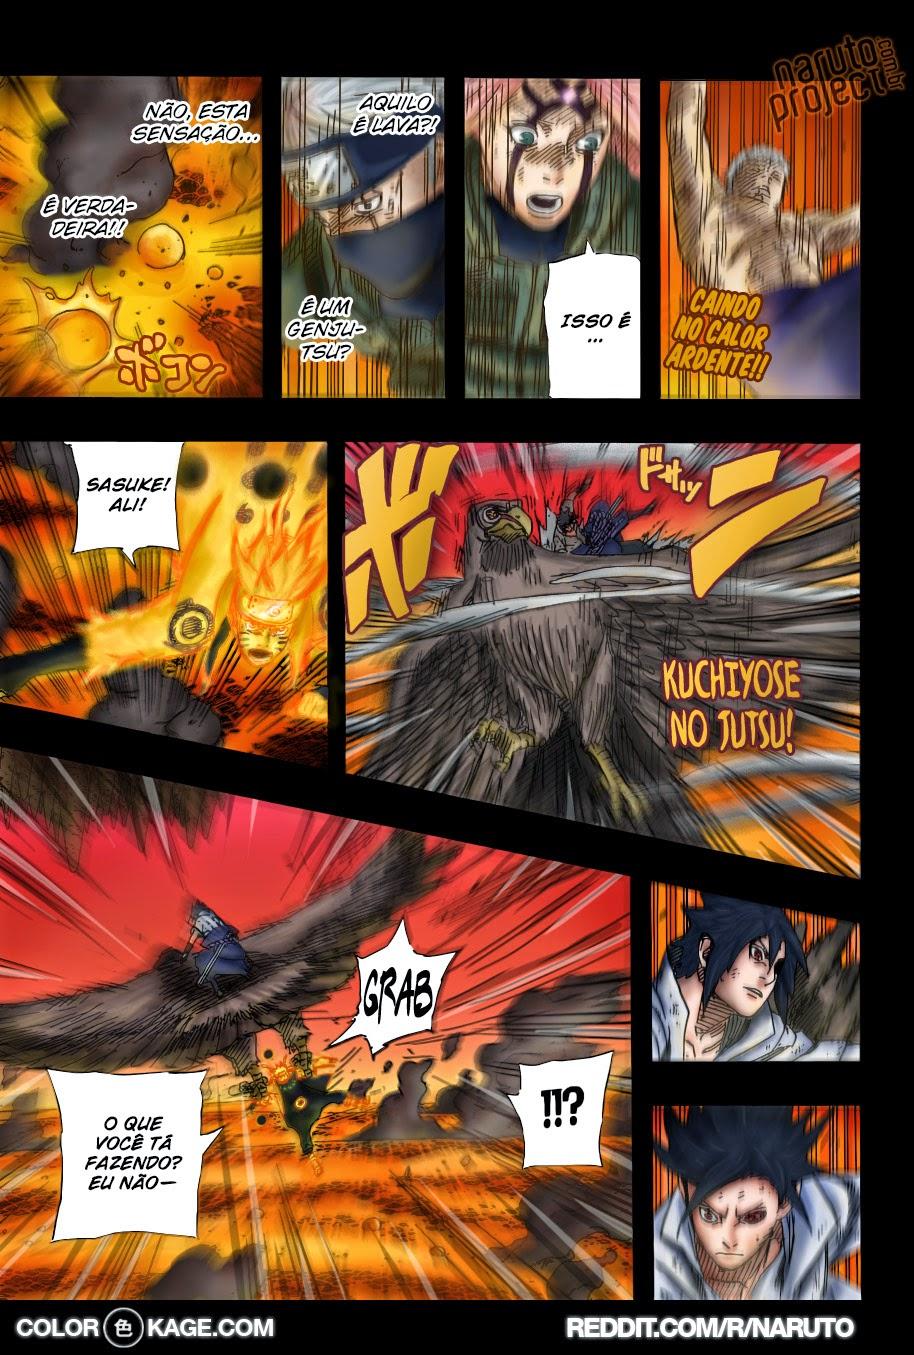 Naruto 680 Mangá Colorido em português